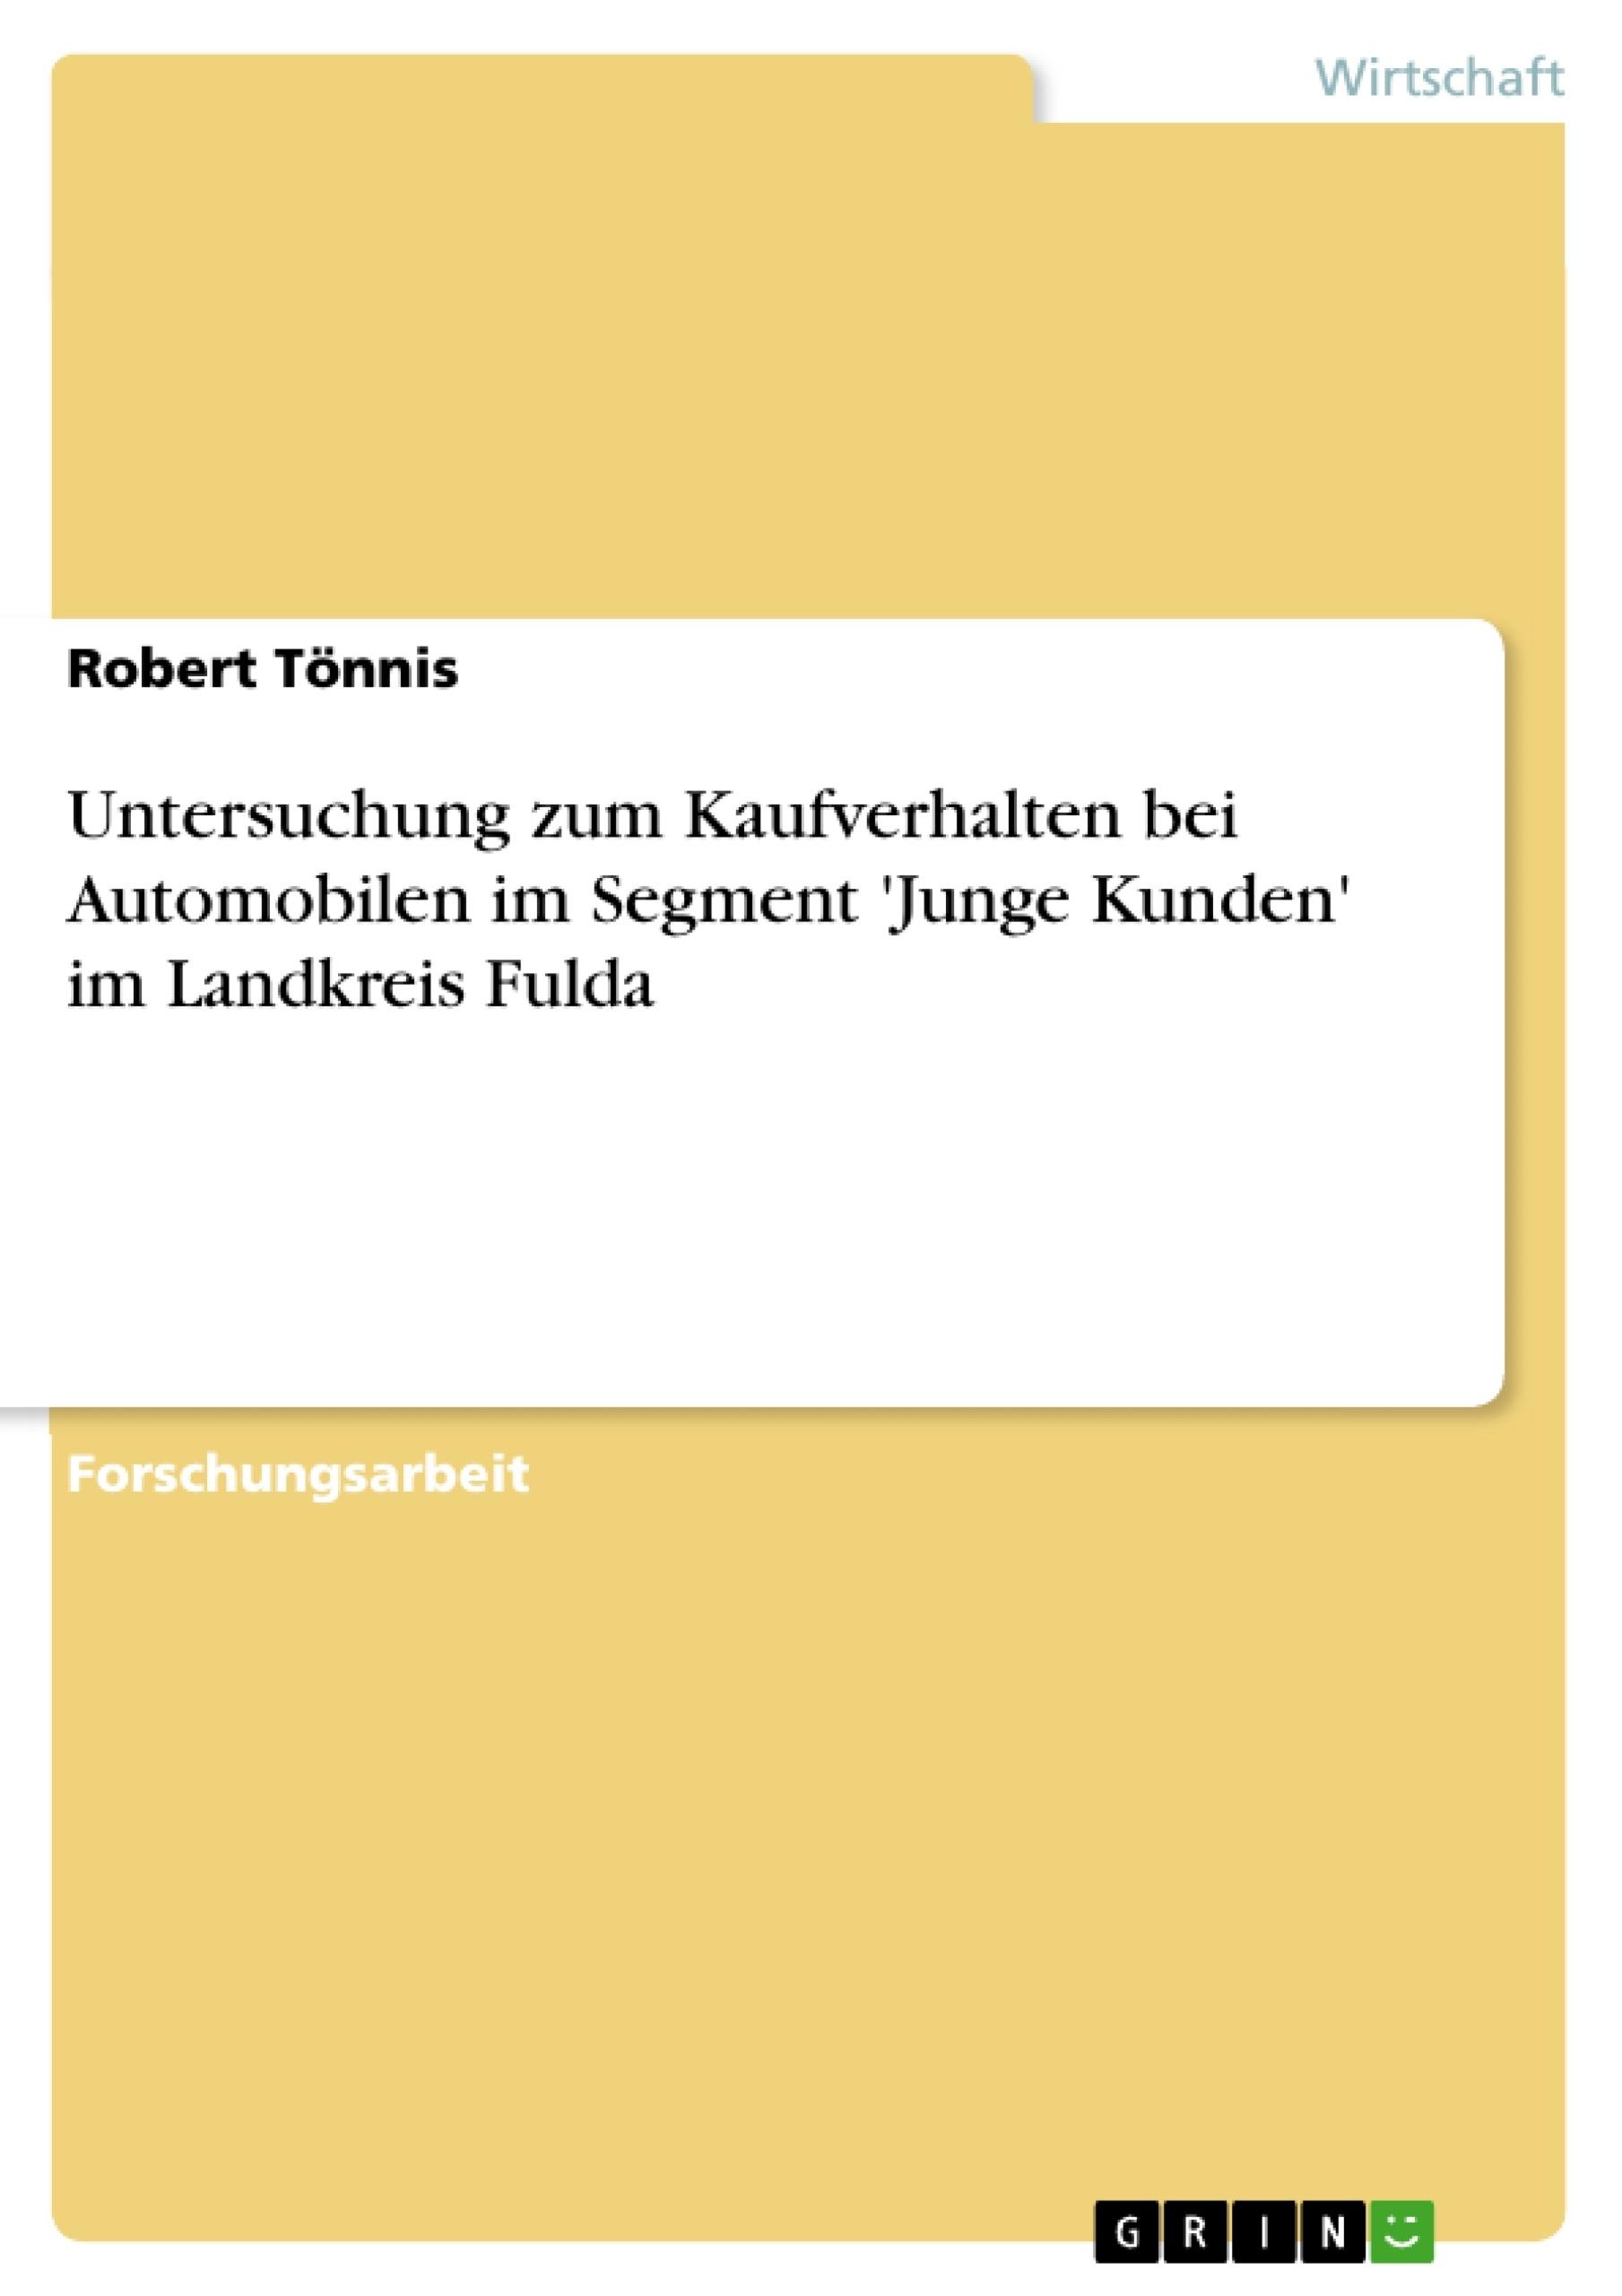 Titel: Untersuchung zum Kaufverhalten bei Automobilen im Segment 'Junge Kunden' im Landkreis Fulda